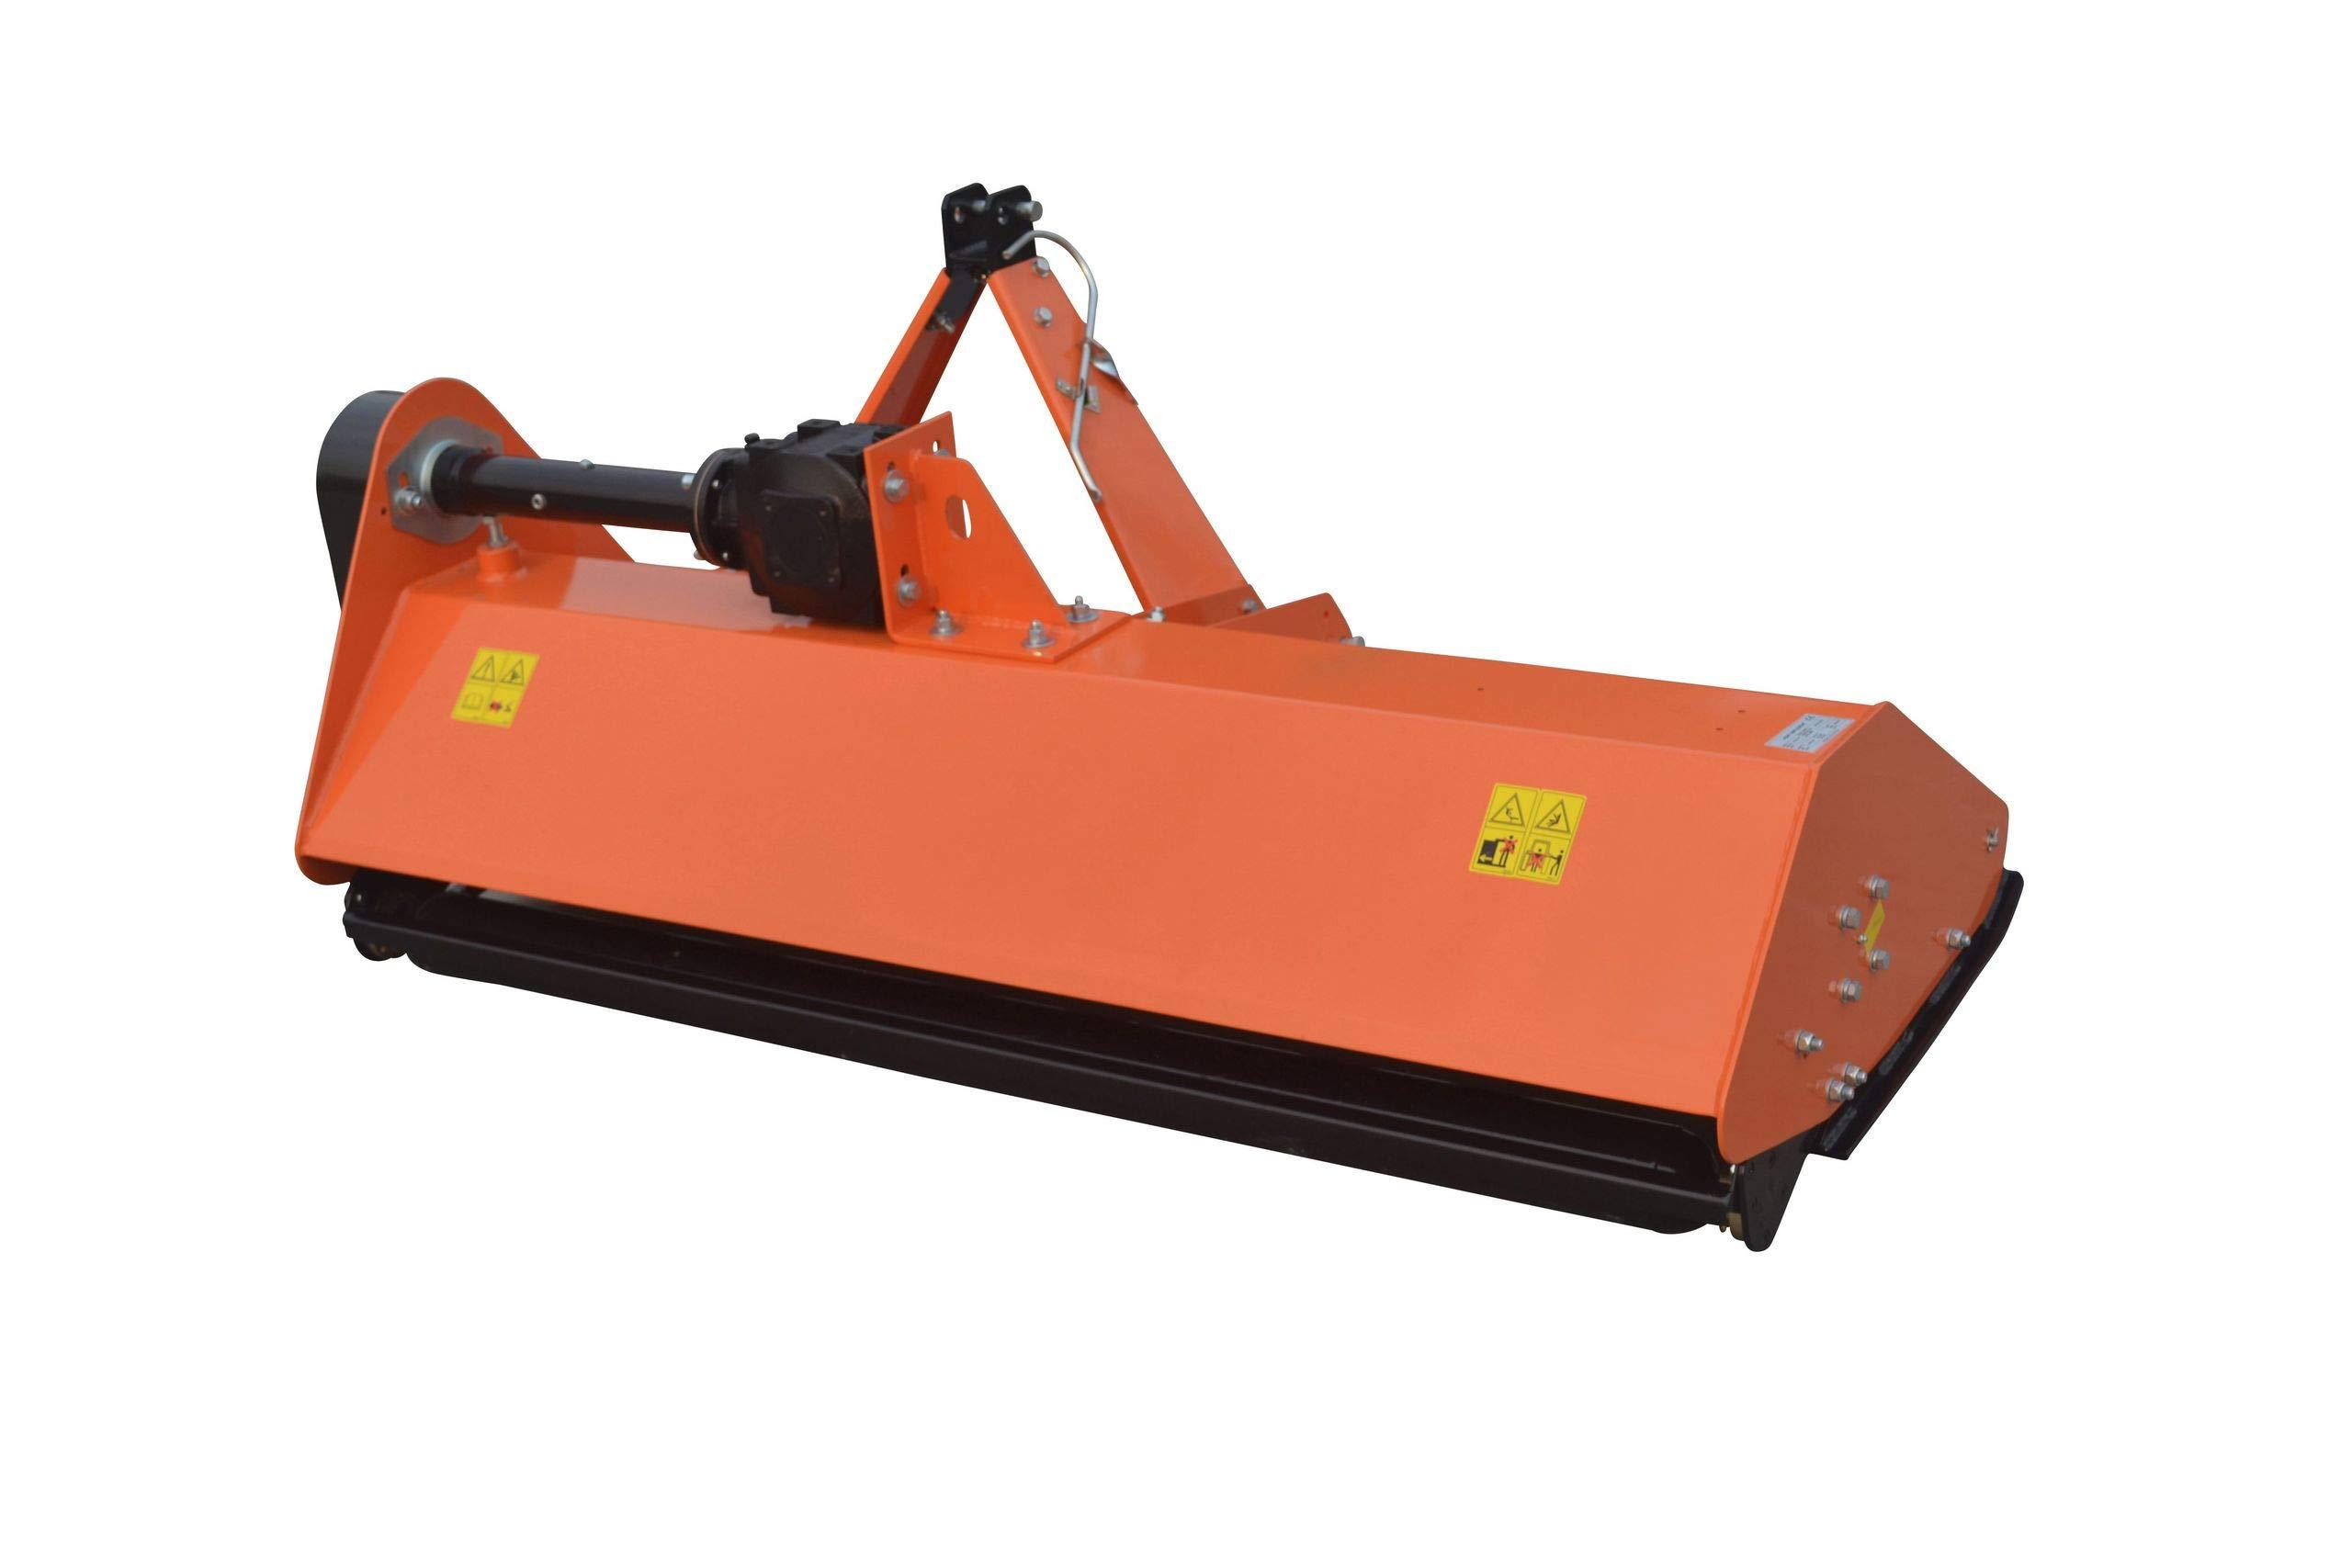 Schlegelmulcher-Mulcher-115cm-Hammerschlegel-Bschungsmulcher-Secura-C116